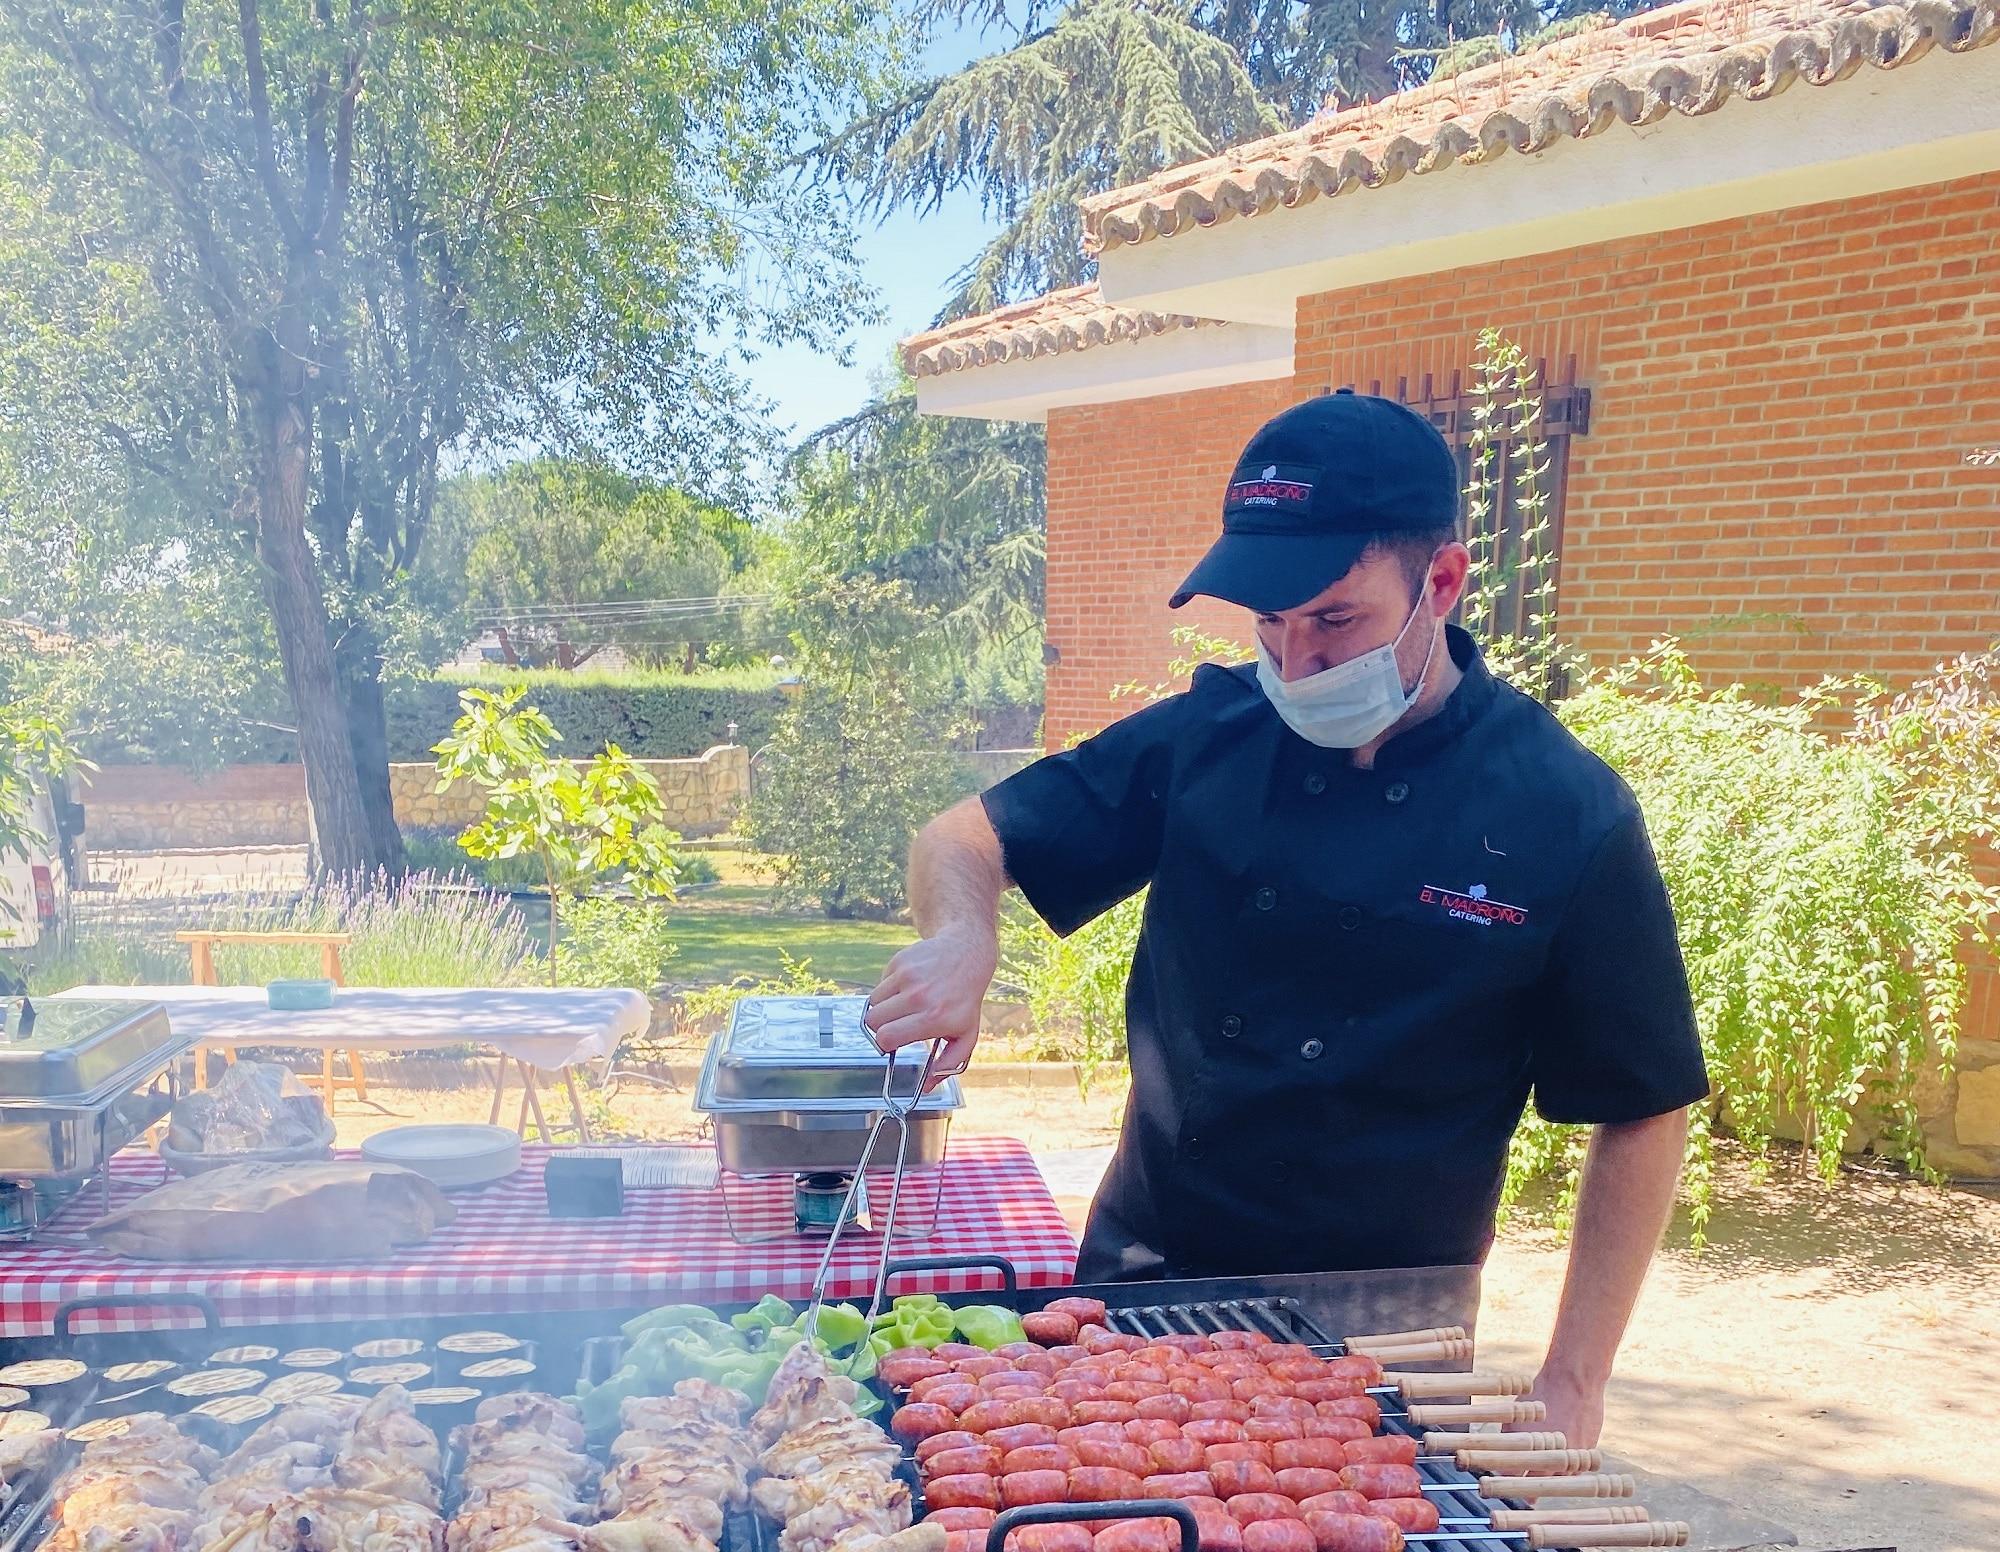 Mini burgers de La Habichuela Delivery, Comida a Domicilio en Alcobendas